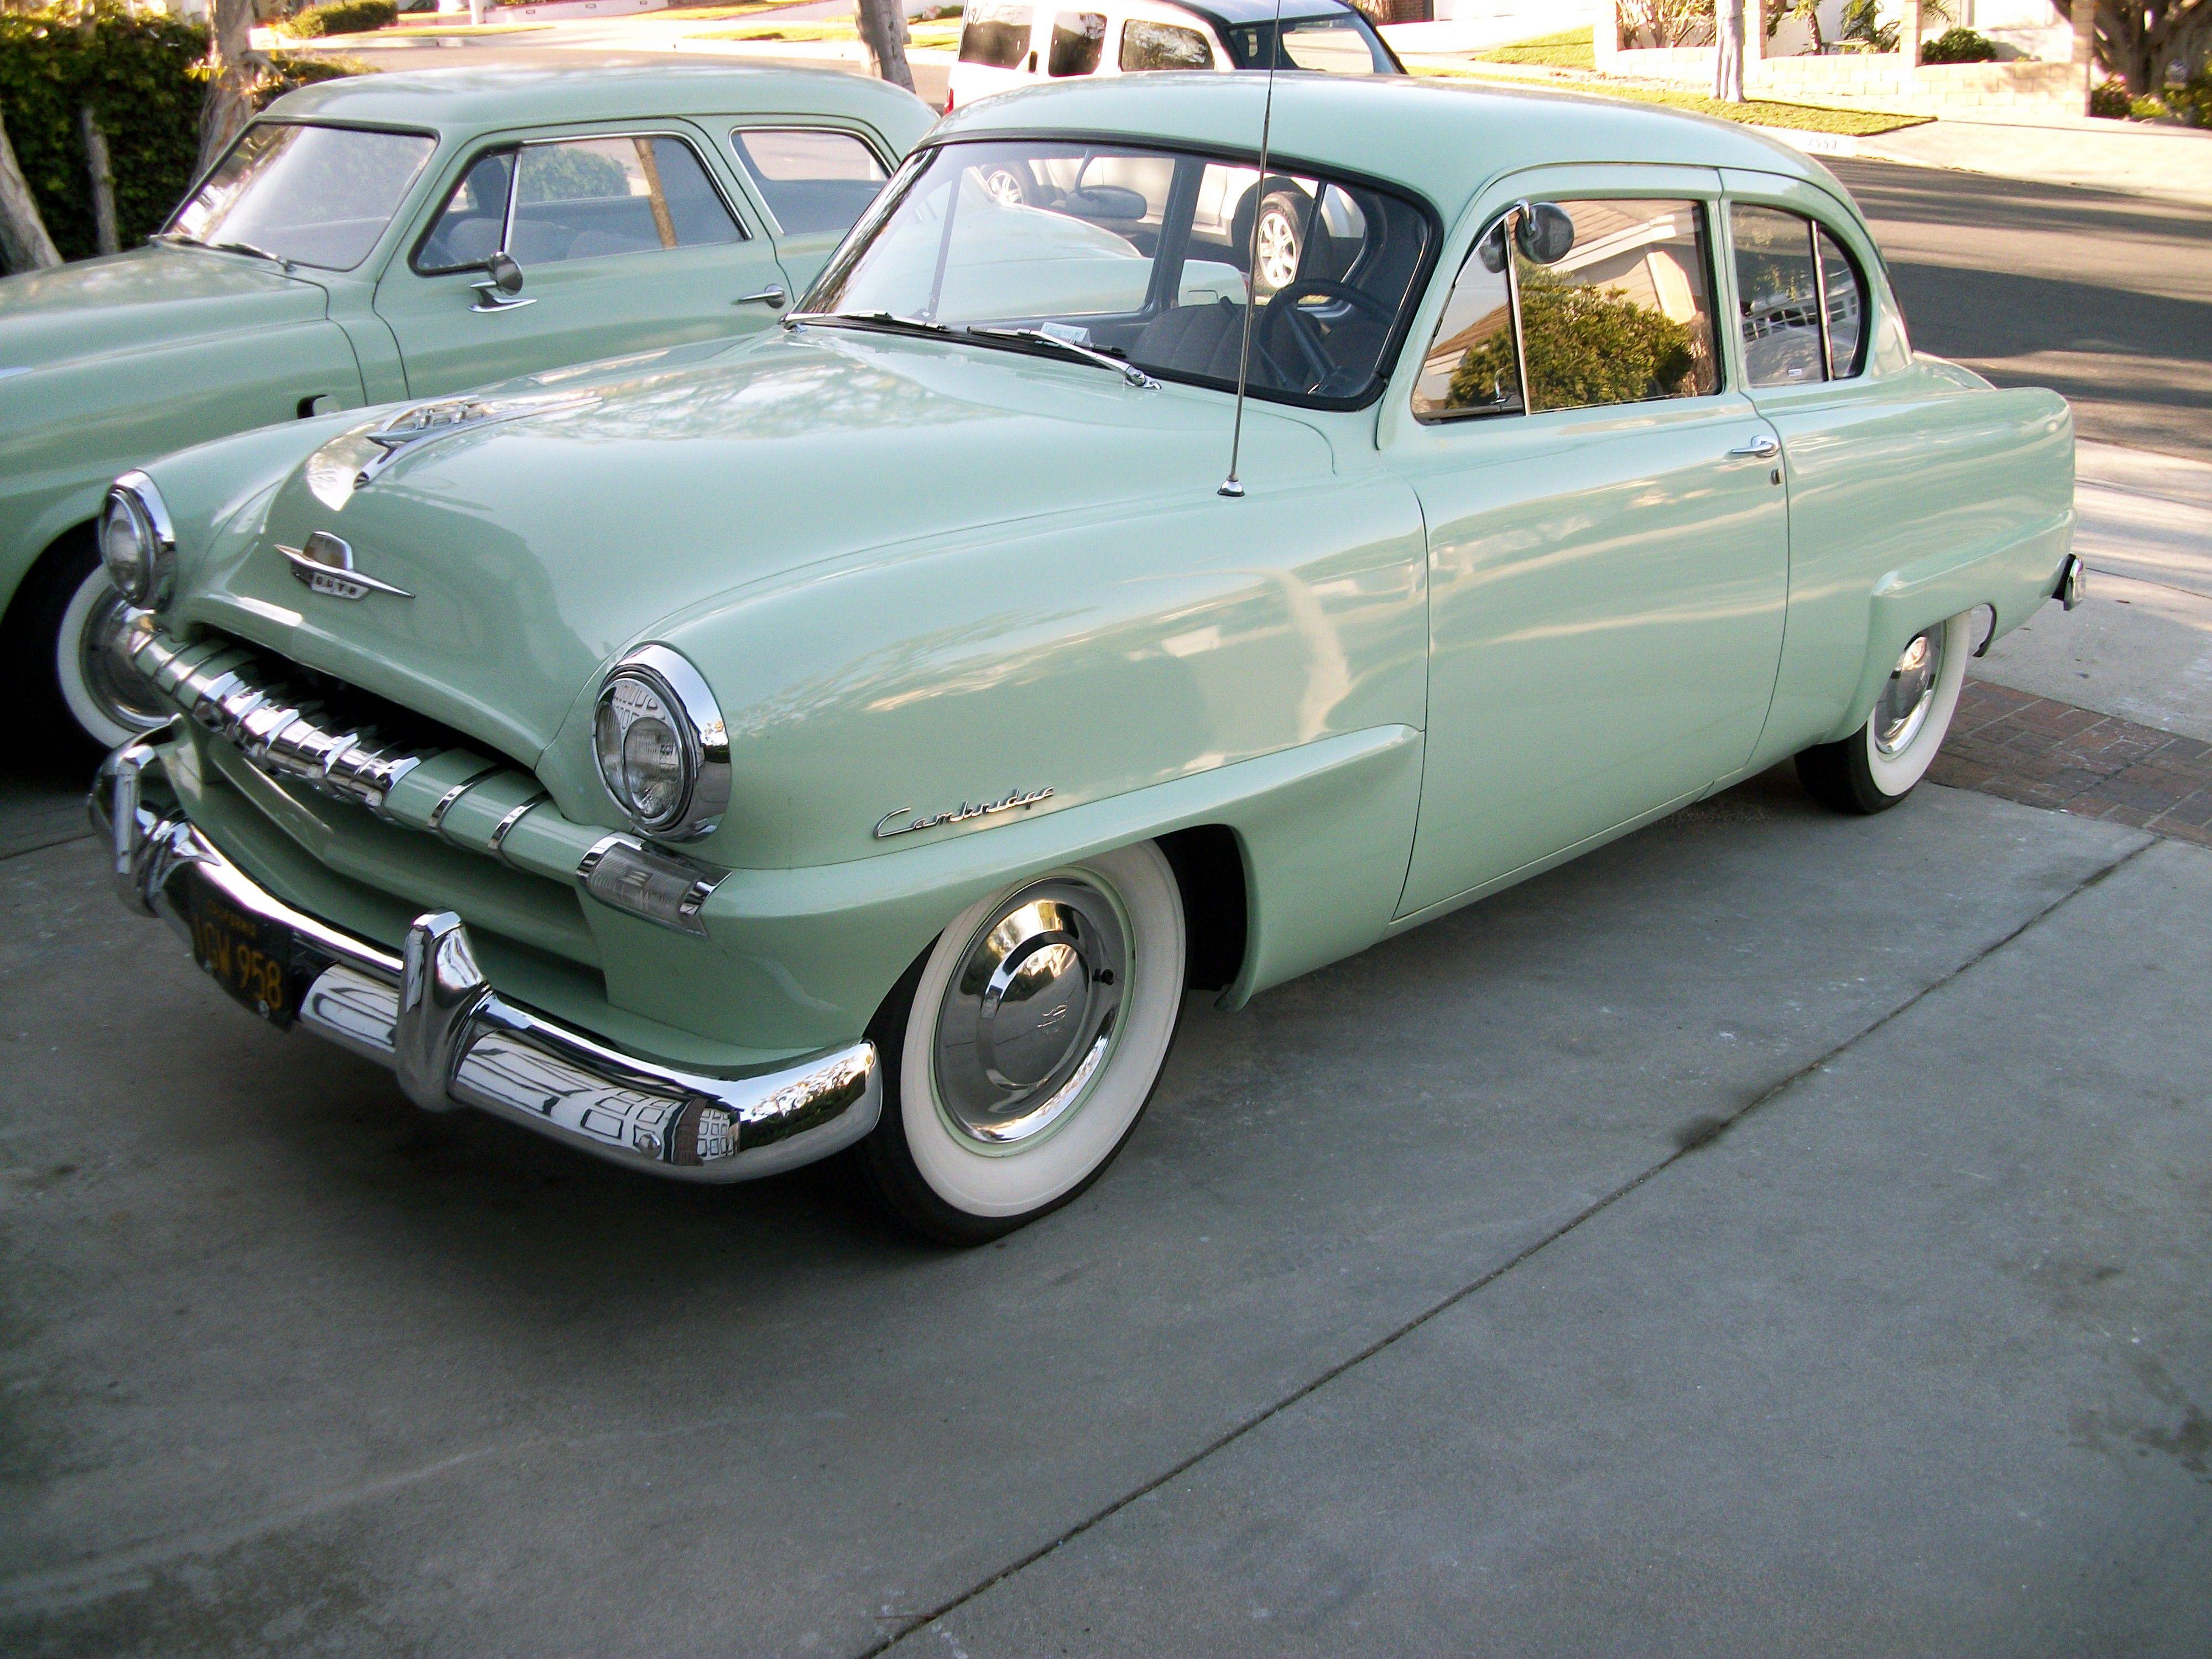 1953 plymouth cranbrook 2 door sedan [ 4000 x 3000 Pixel ]